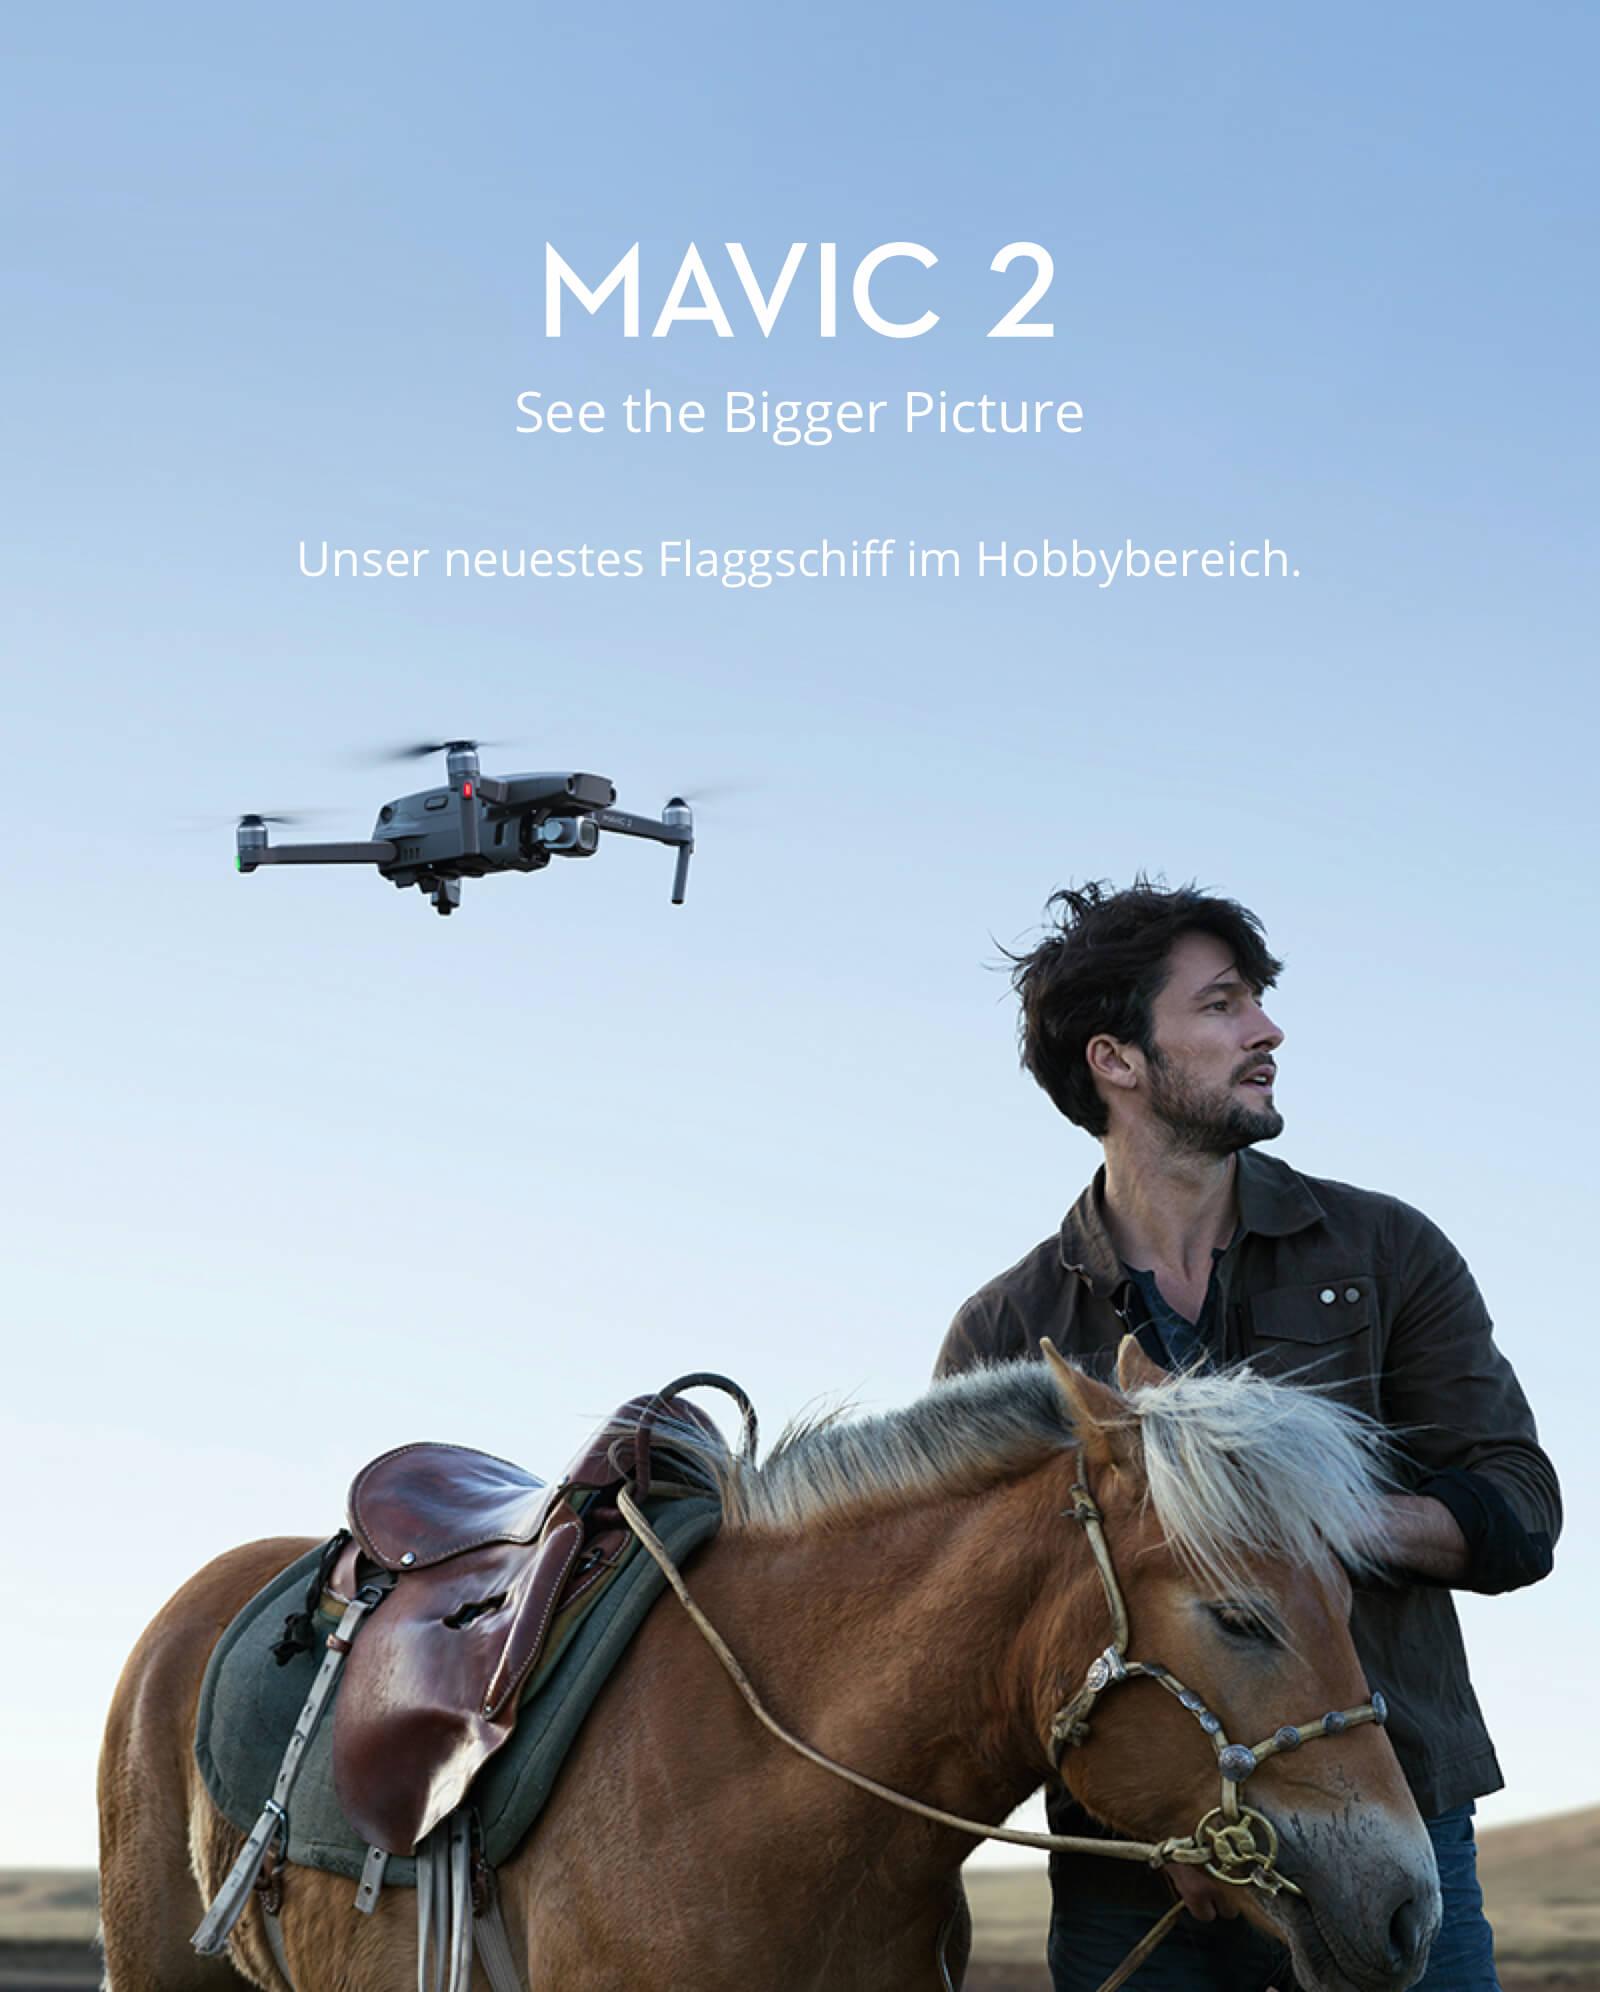 mavic-2-story-001